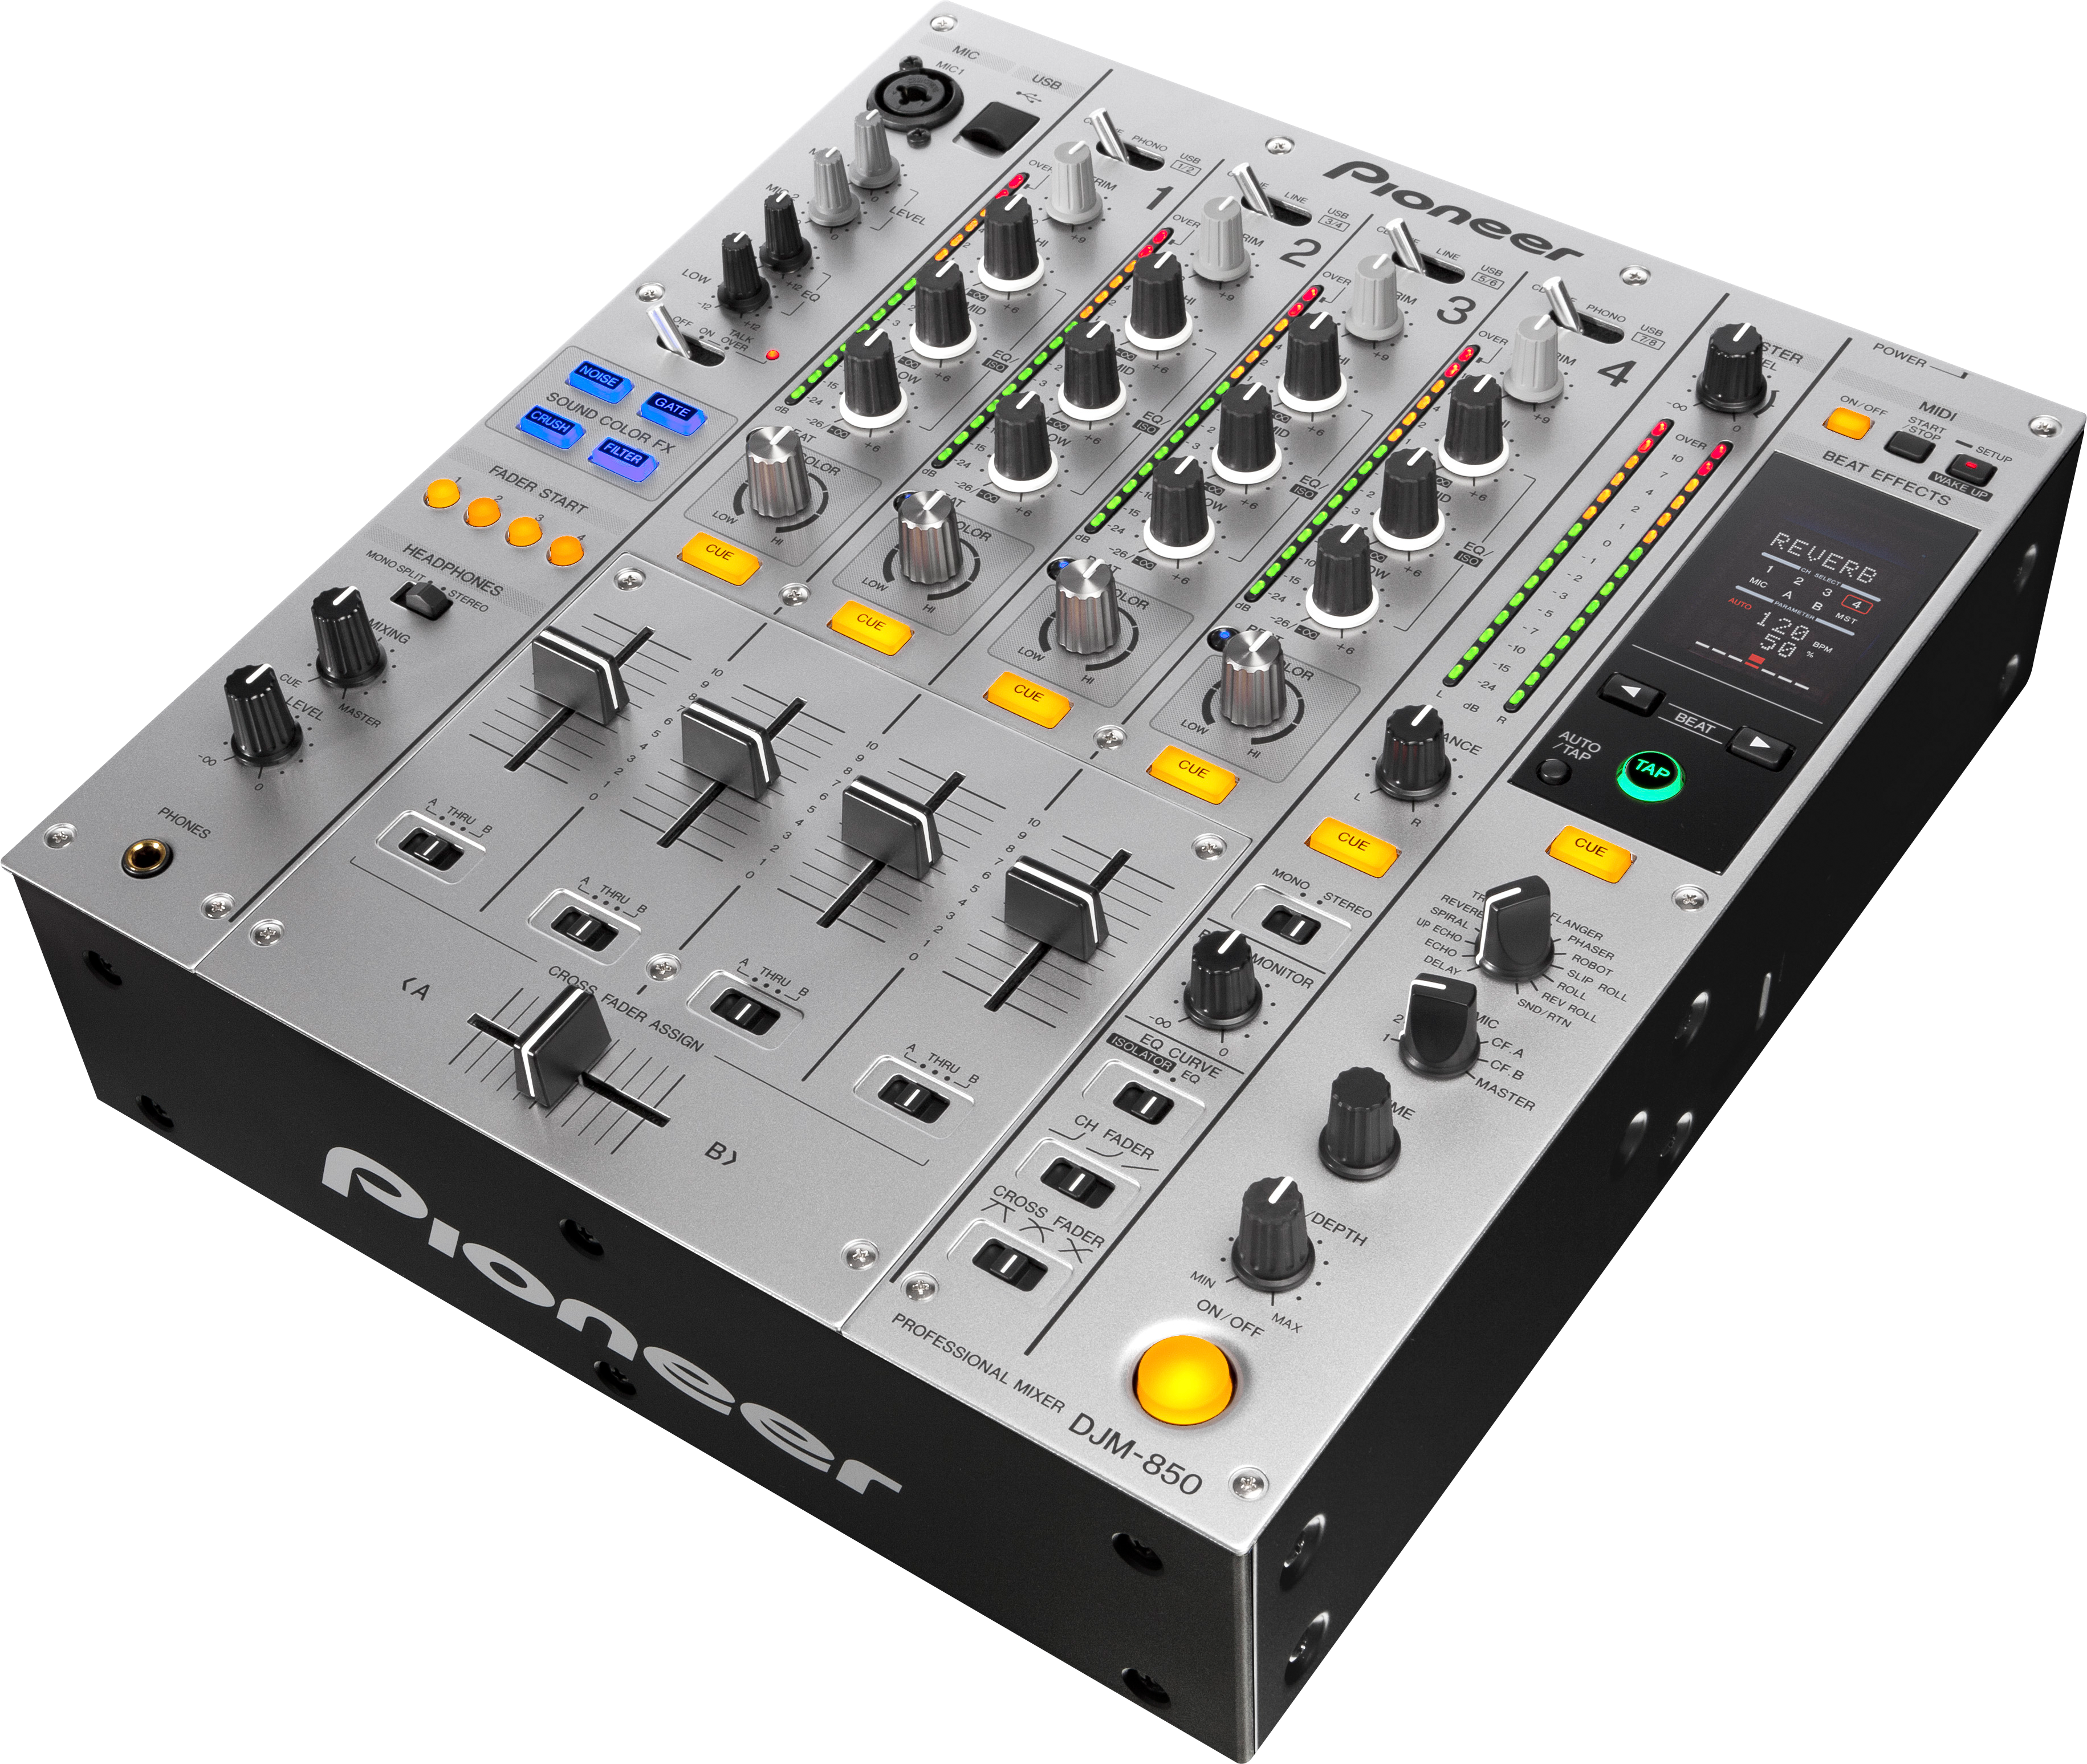 DJM-850-S